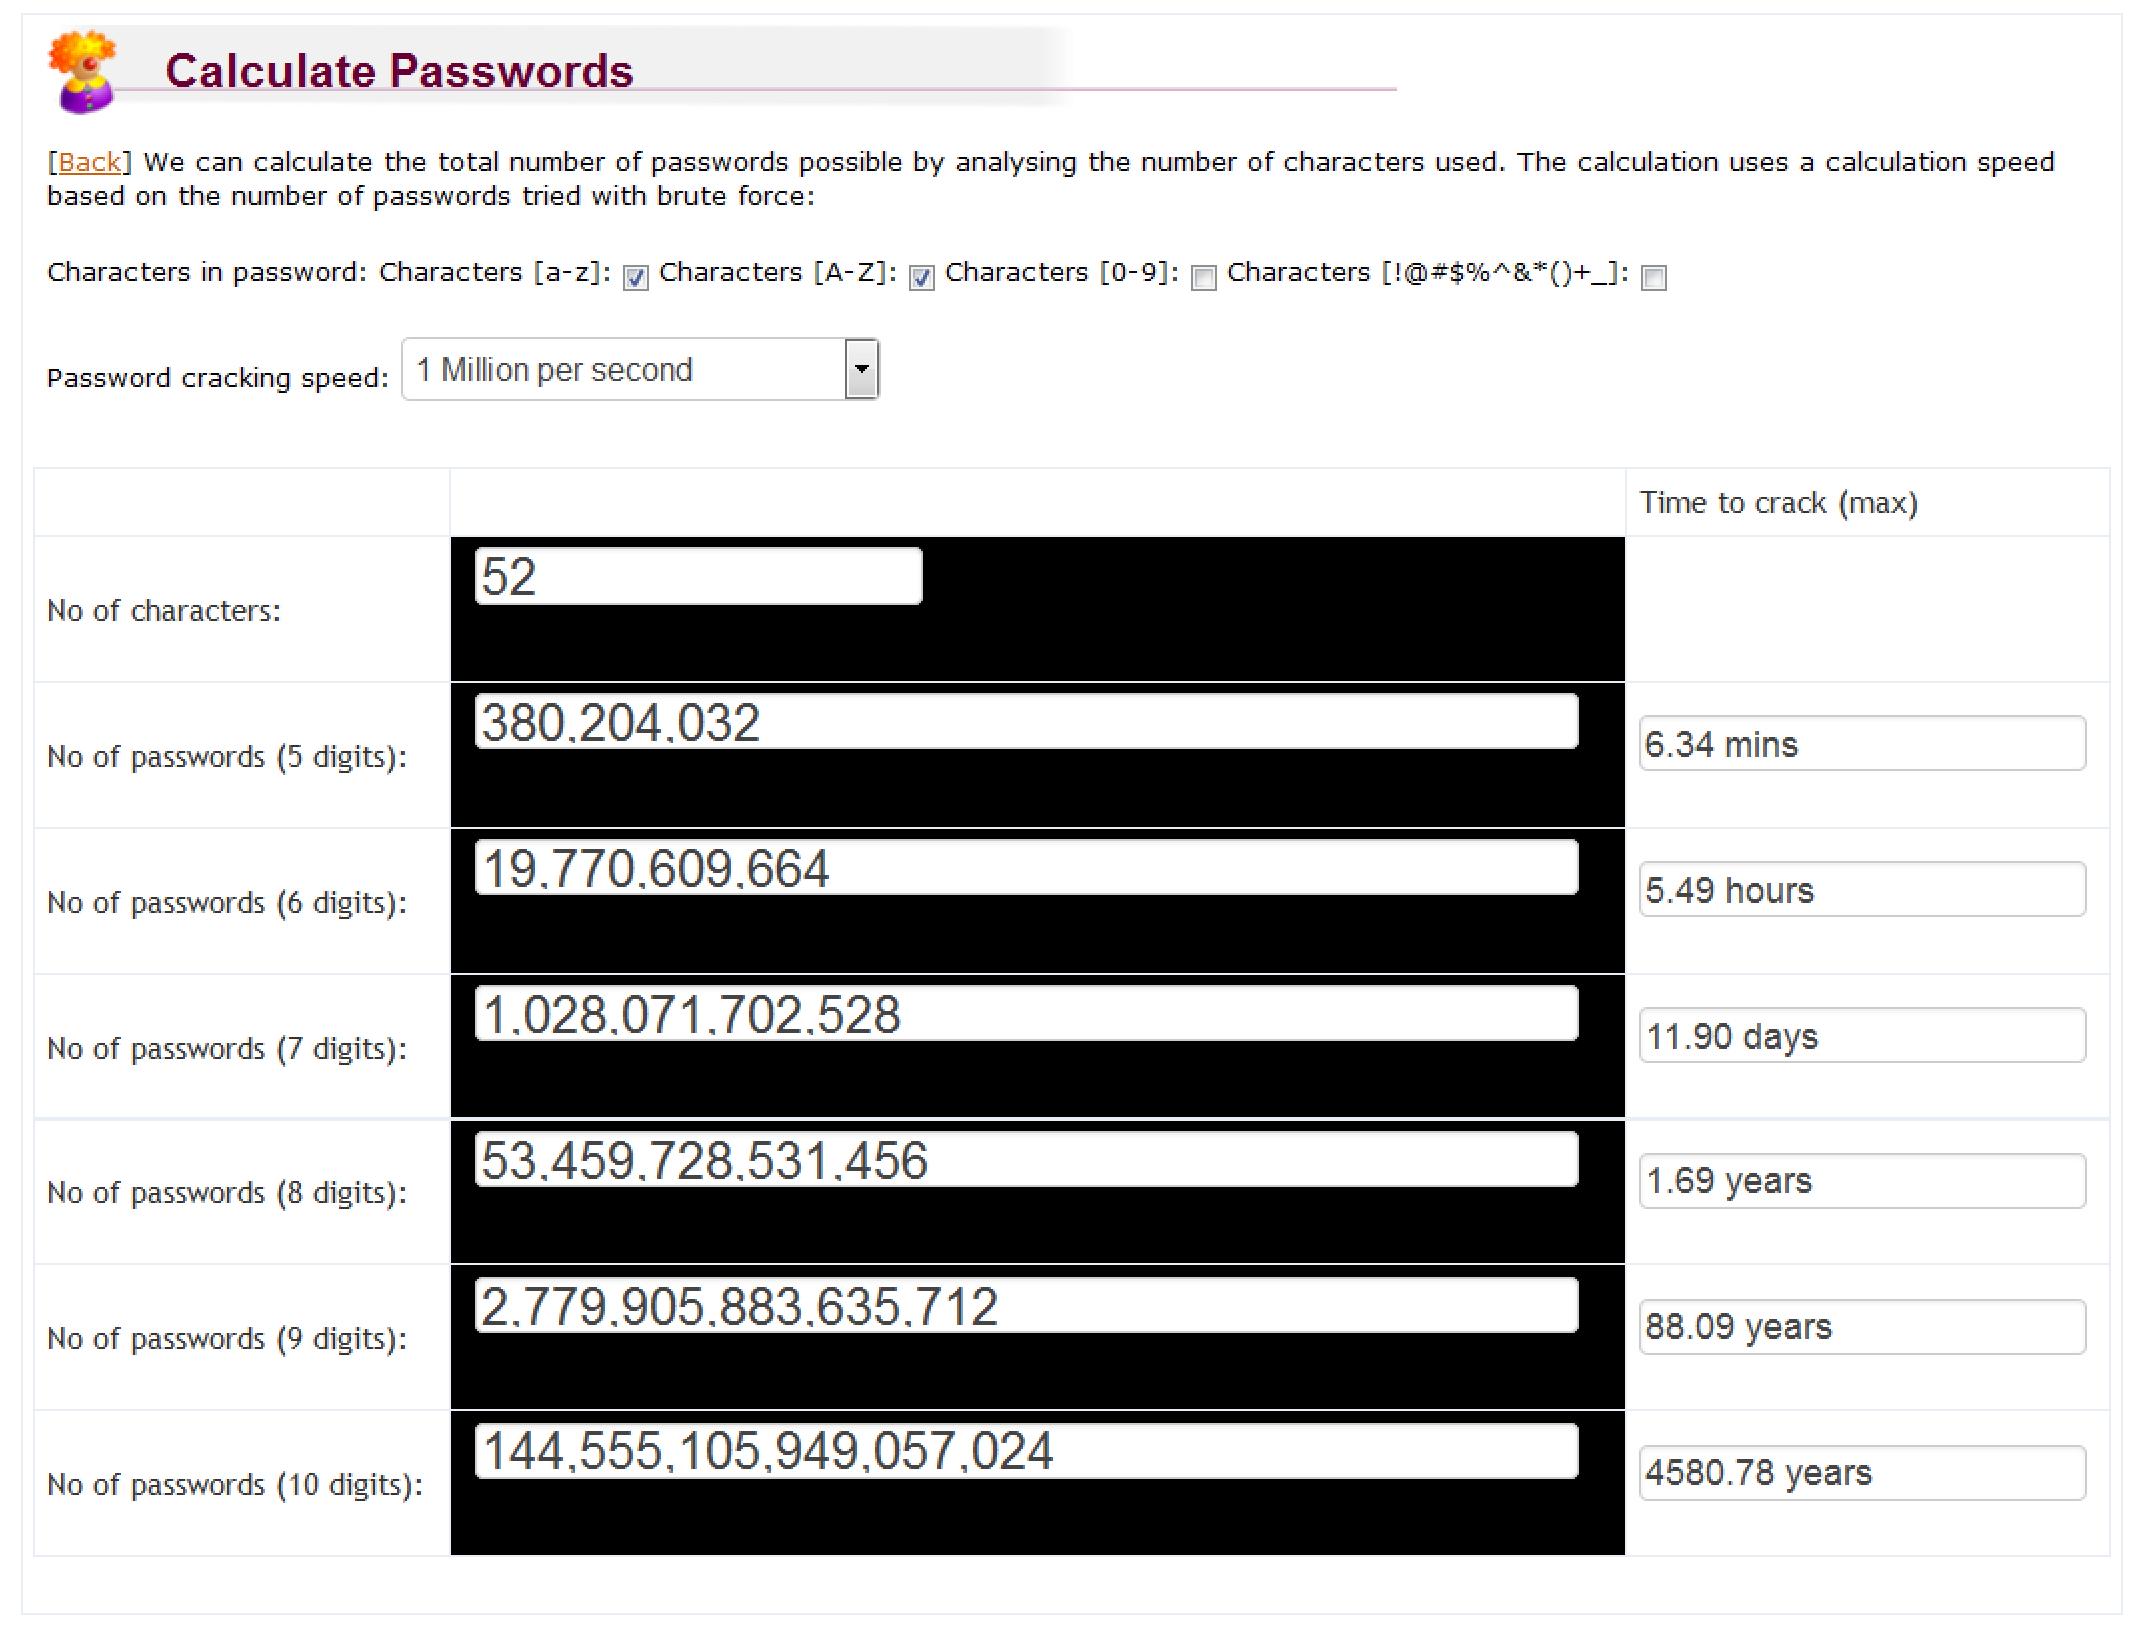 Number of passwords